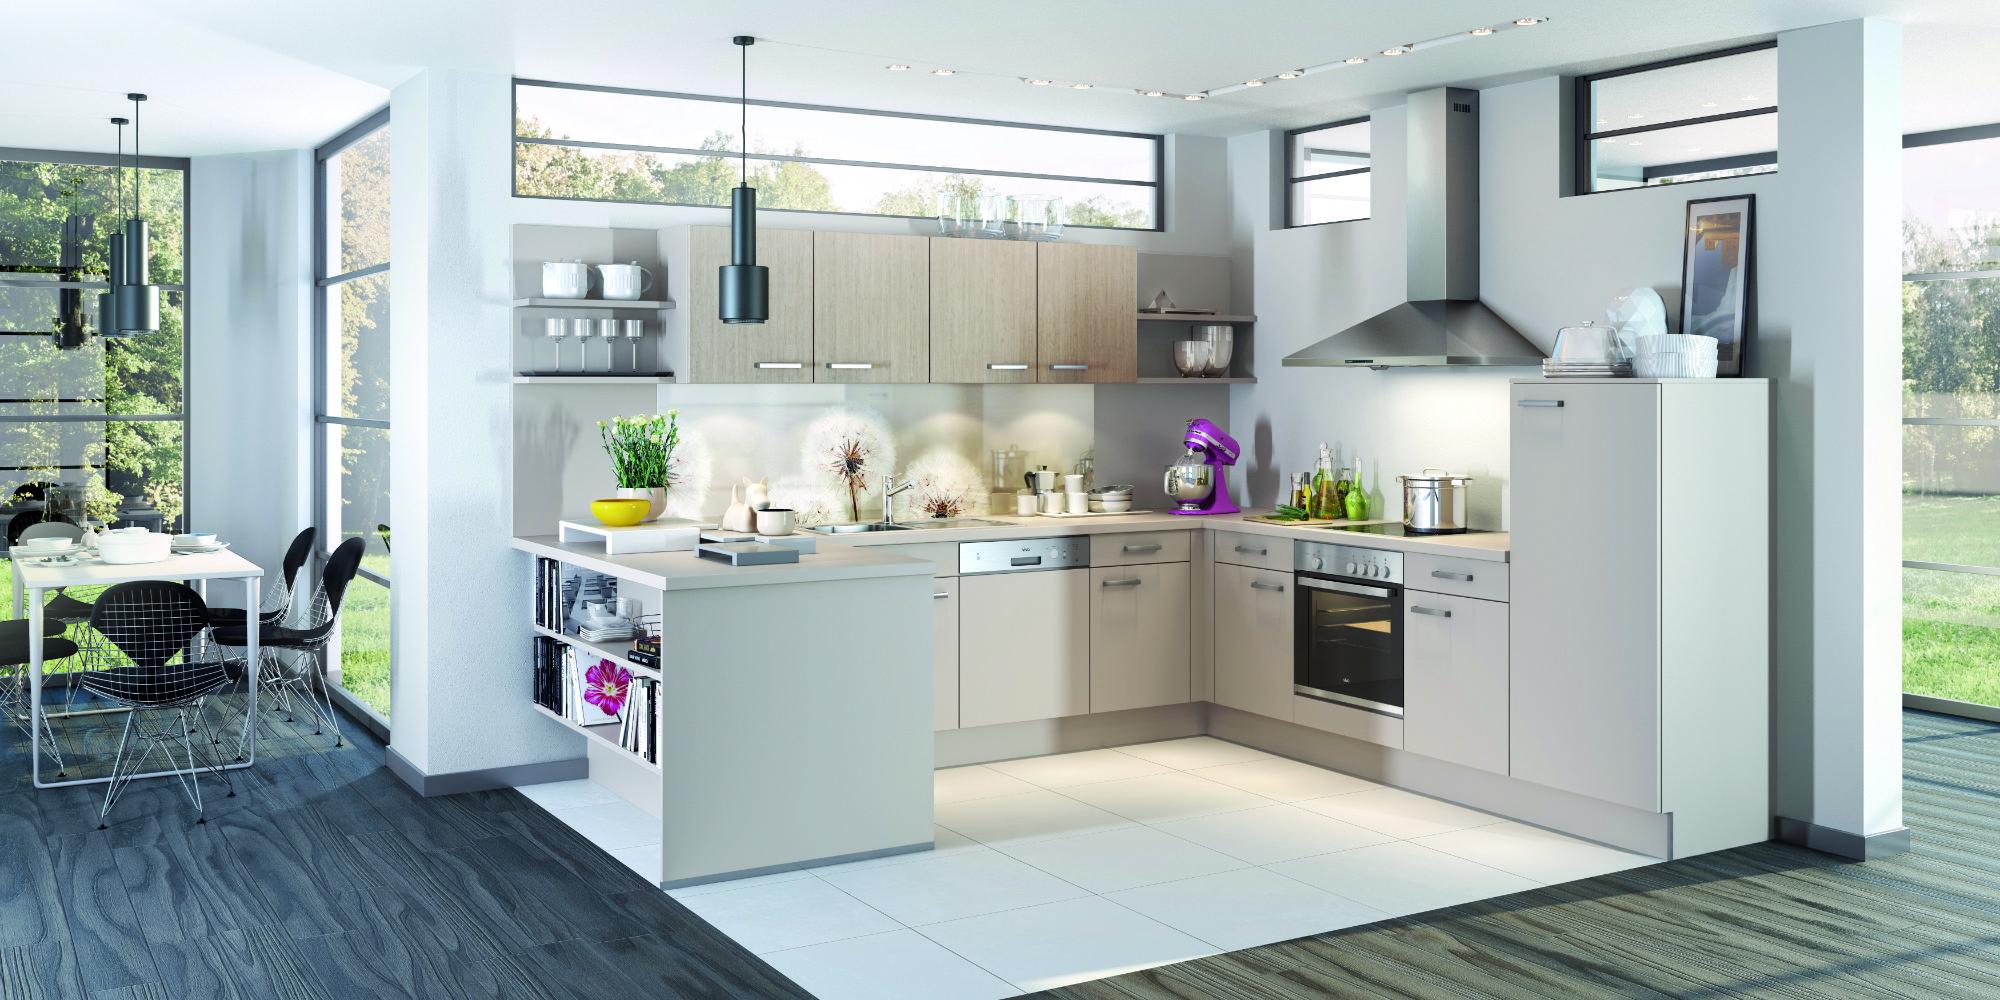 Small Kitchen Design Advice